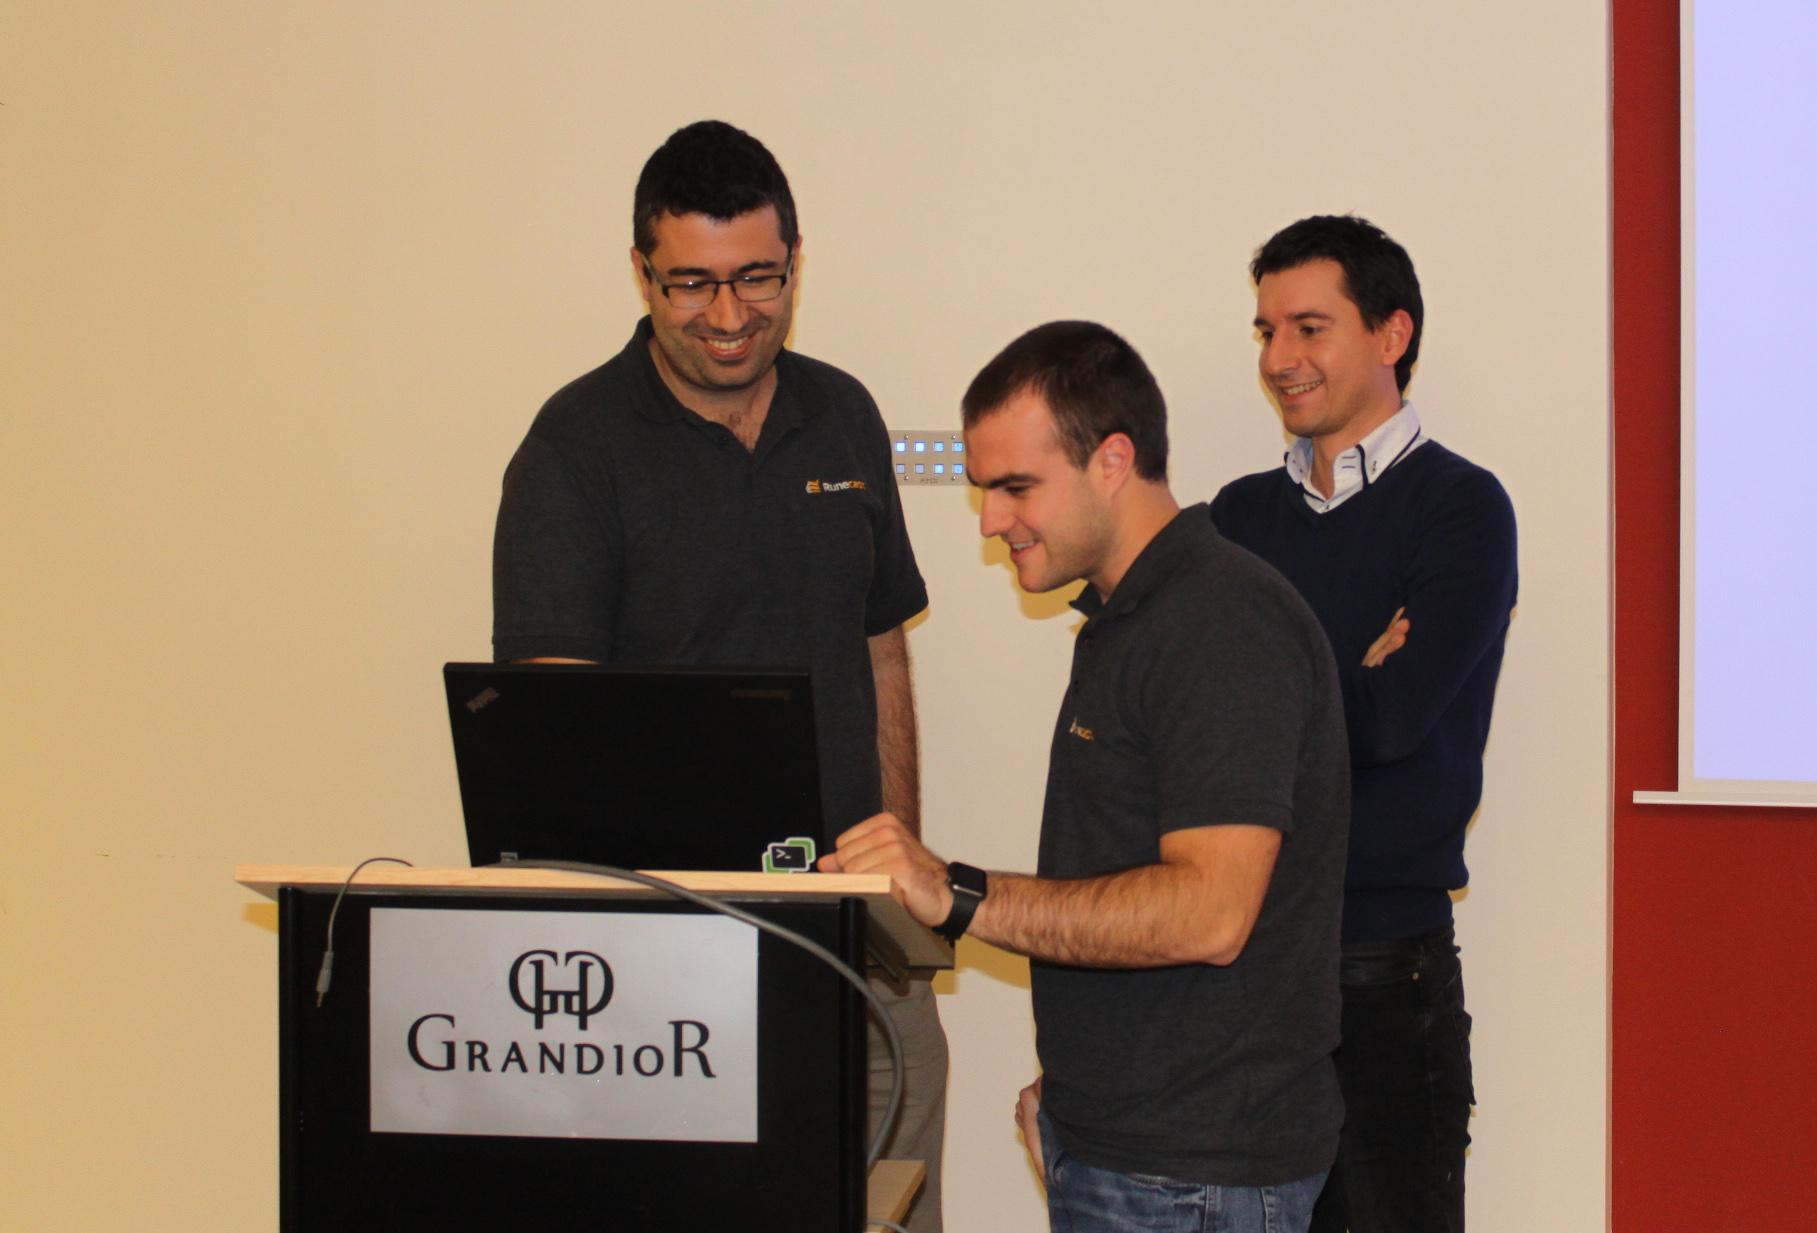 Runecast Team